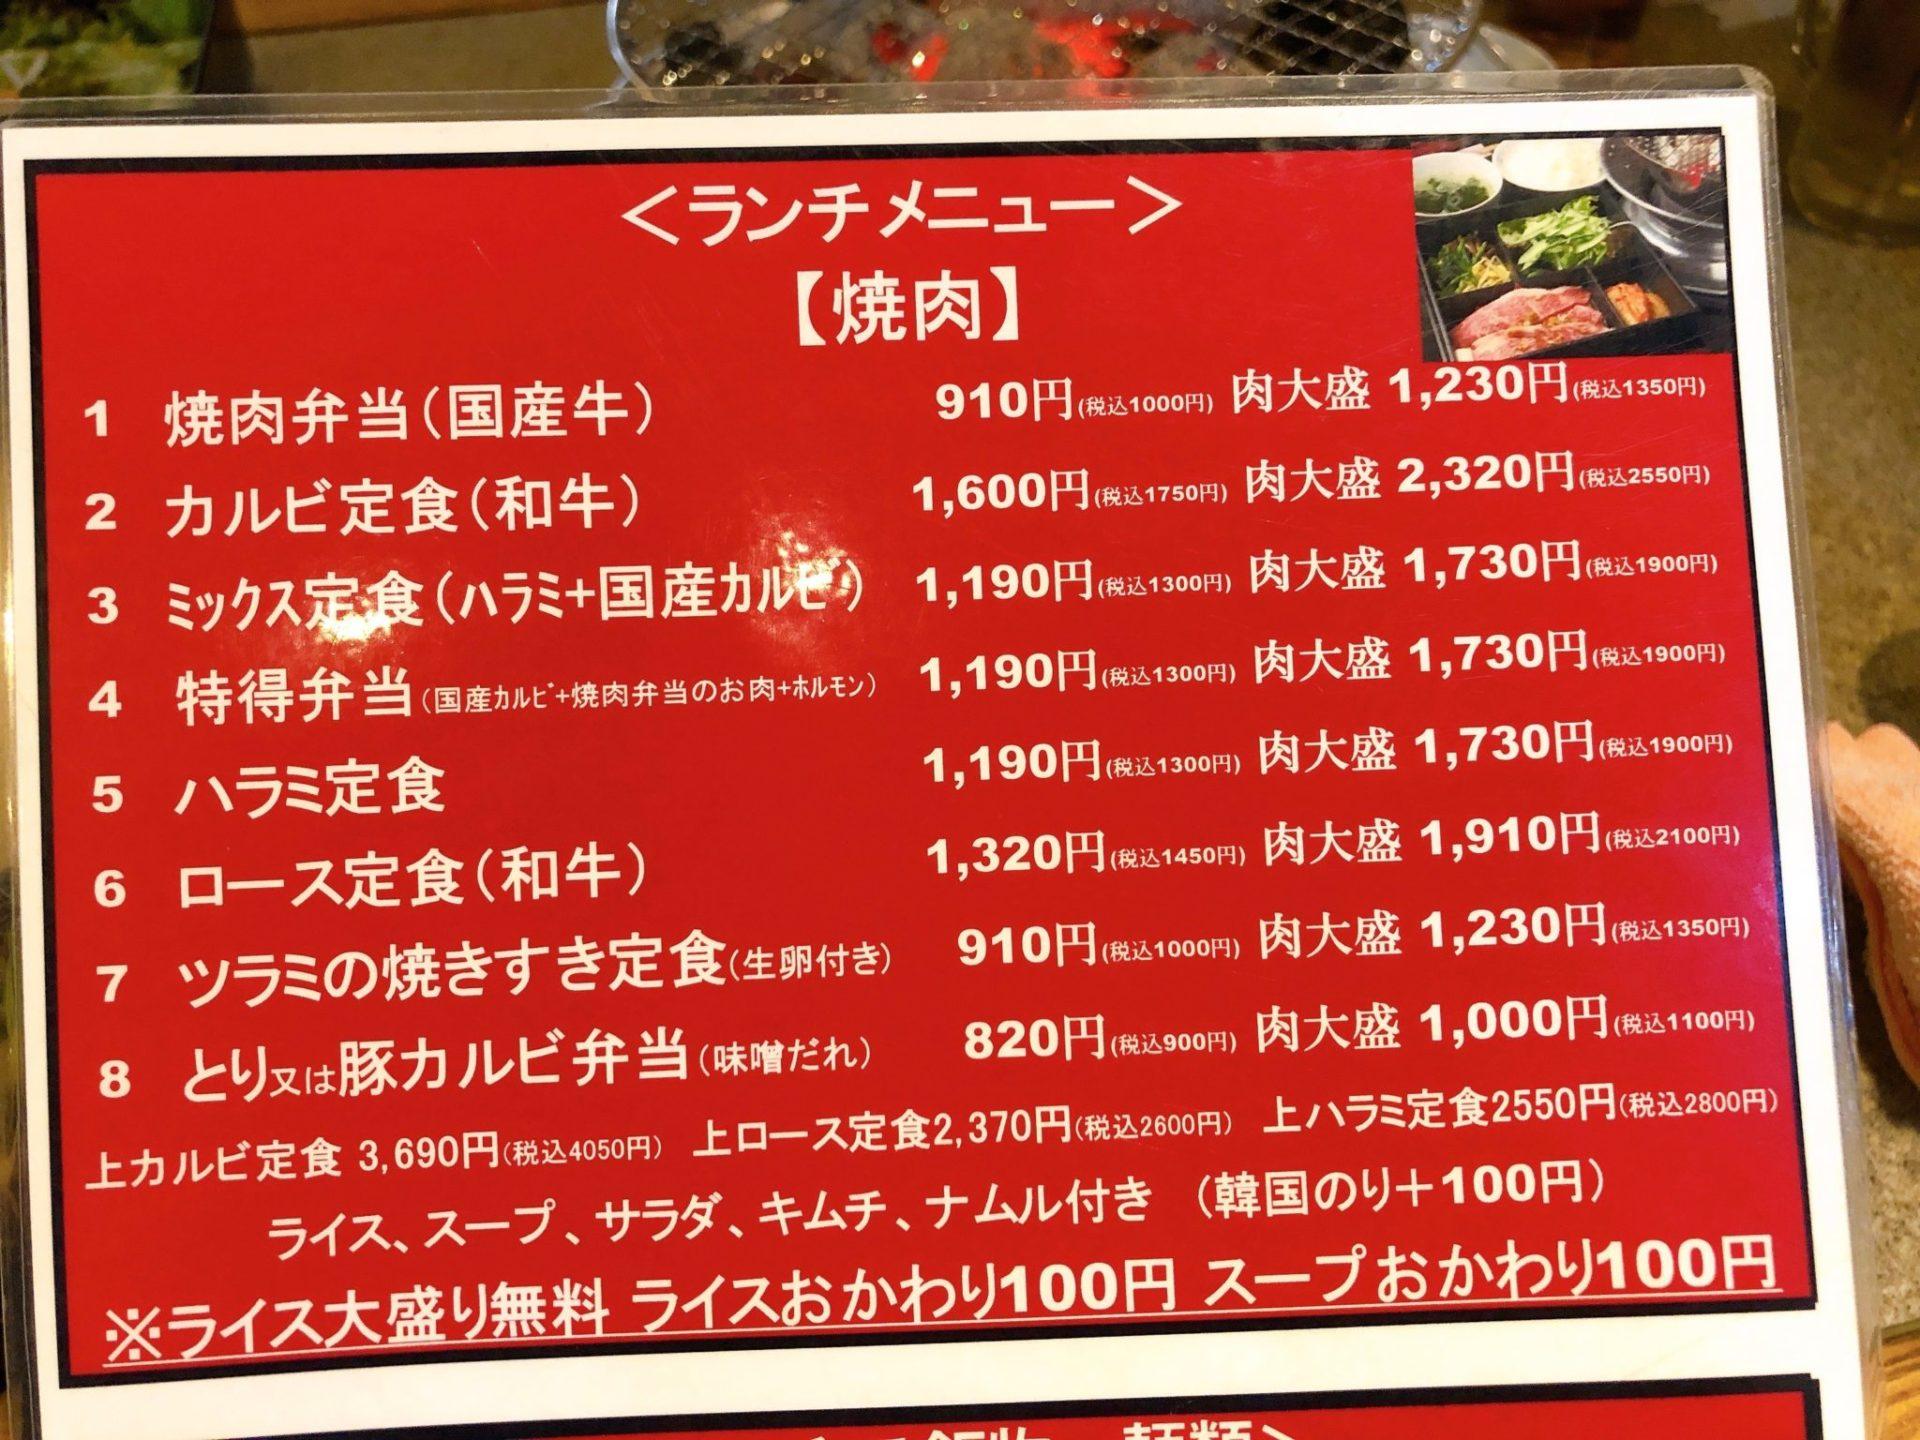 長春館(チョウシュンカン)新宿のランチメニュー